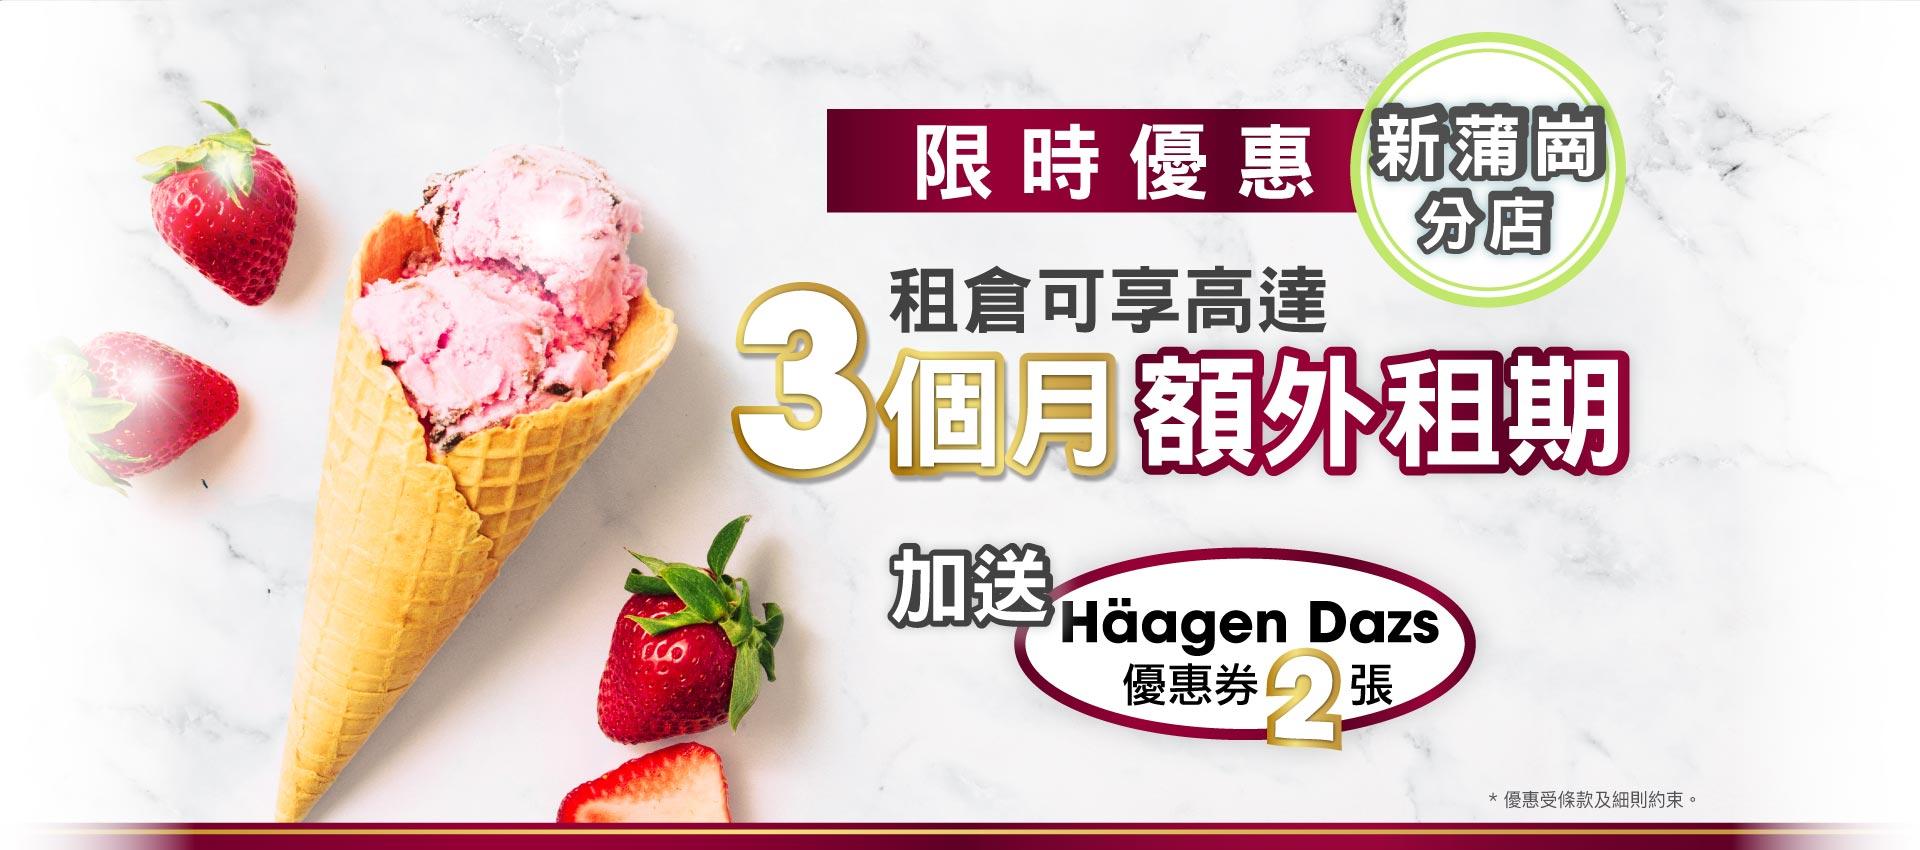 新蒲崗分店限時優惠:租倉可享高達3個月額外租期+Häagen Dazs優惠券2張